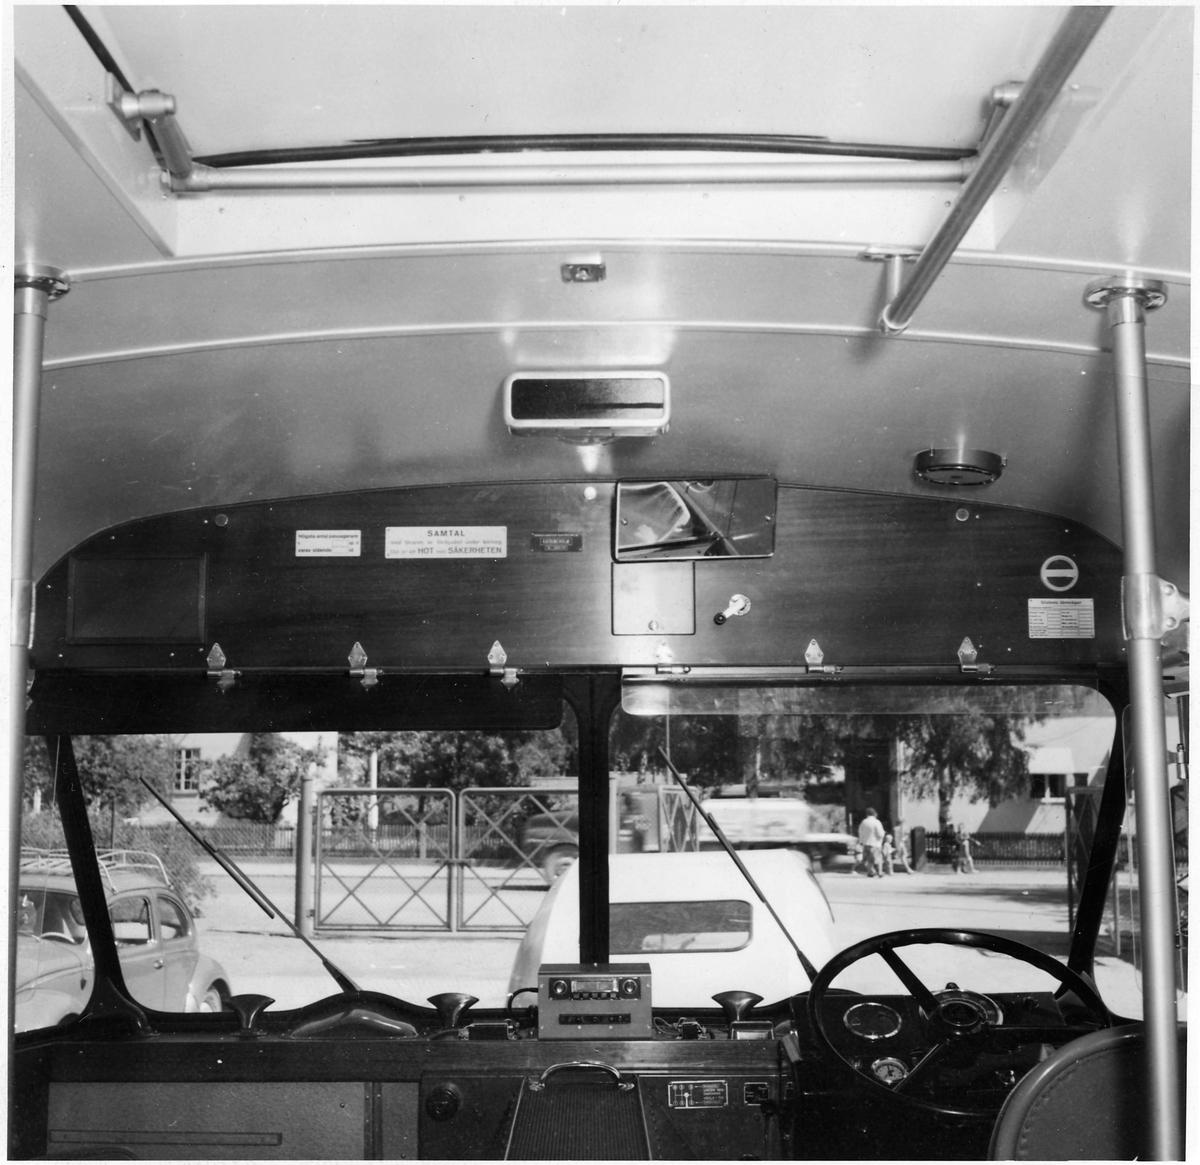 Vy över förarplats i en buss.